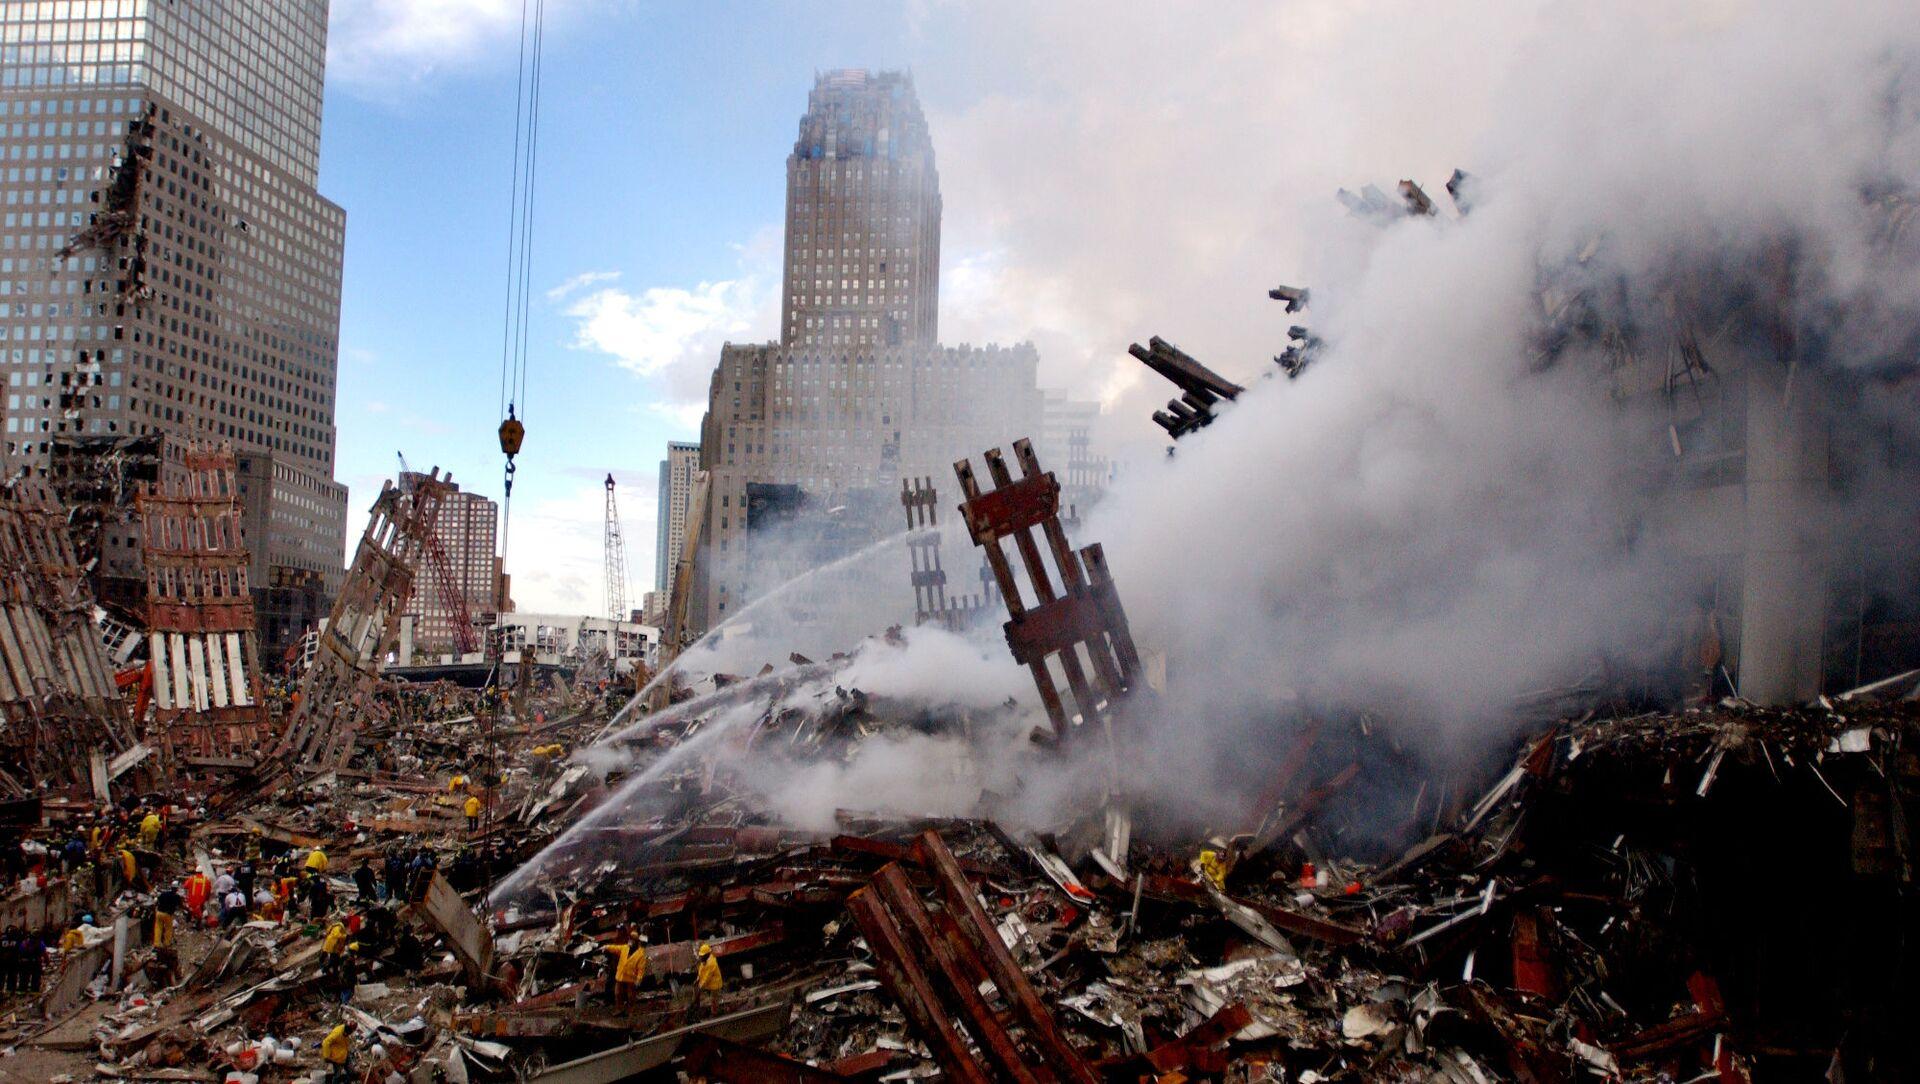 Тушение пожара на месте атакованного Всемирного торгового центра 11 сентября в Нью-Йорке  - Sputnik Абхазия, 1920, 12.09.2021